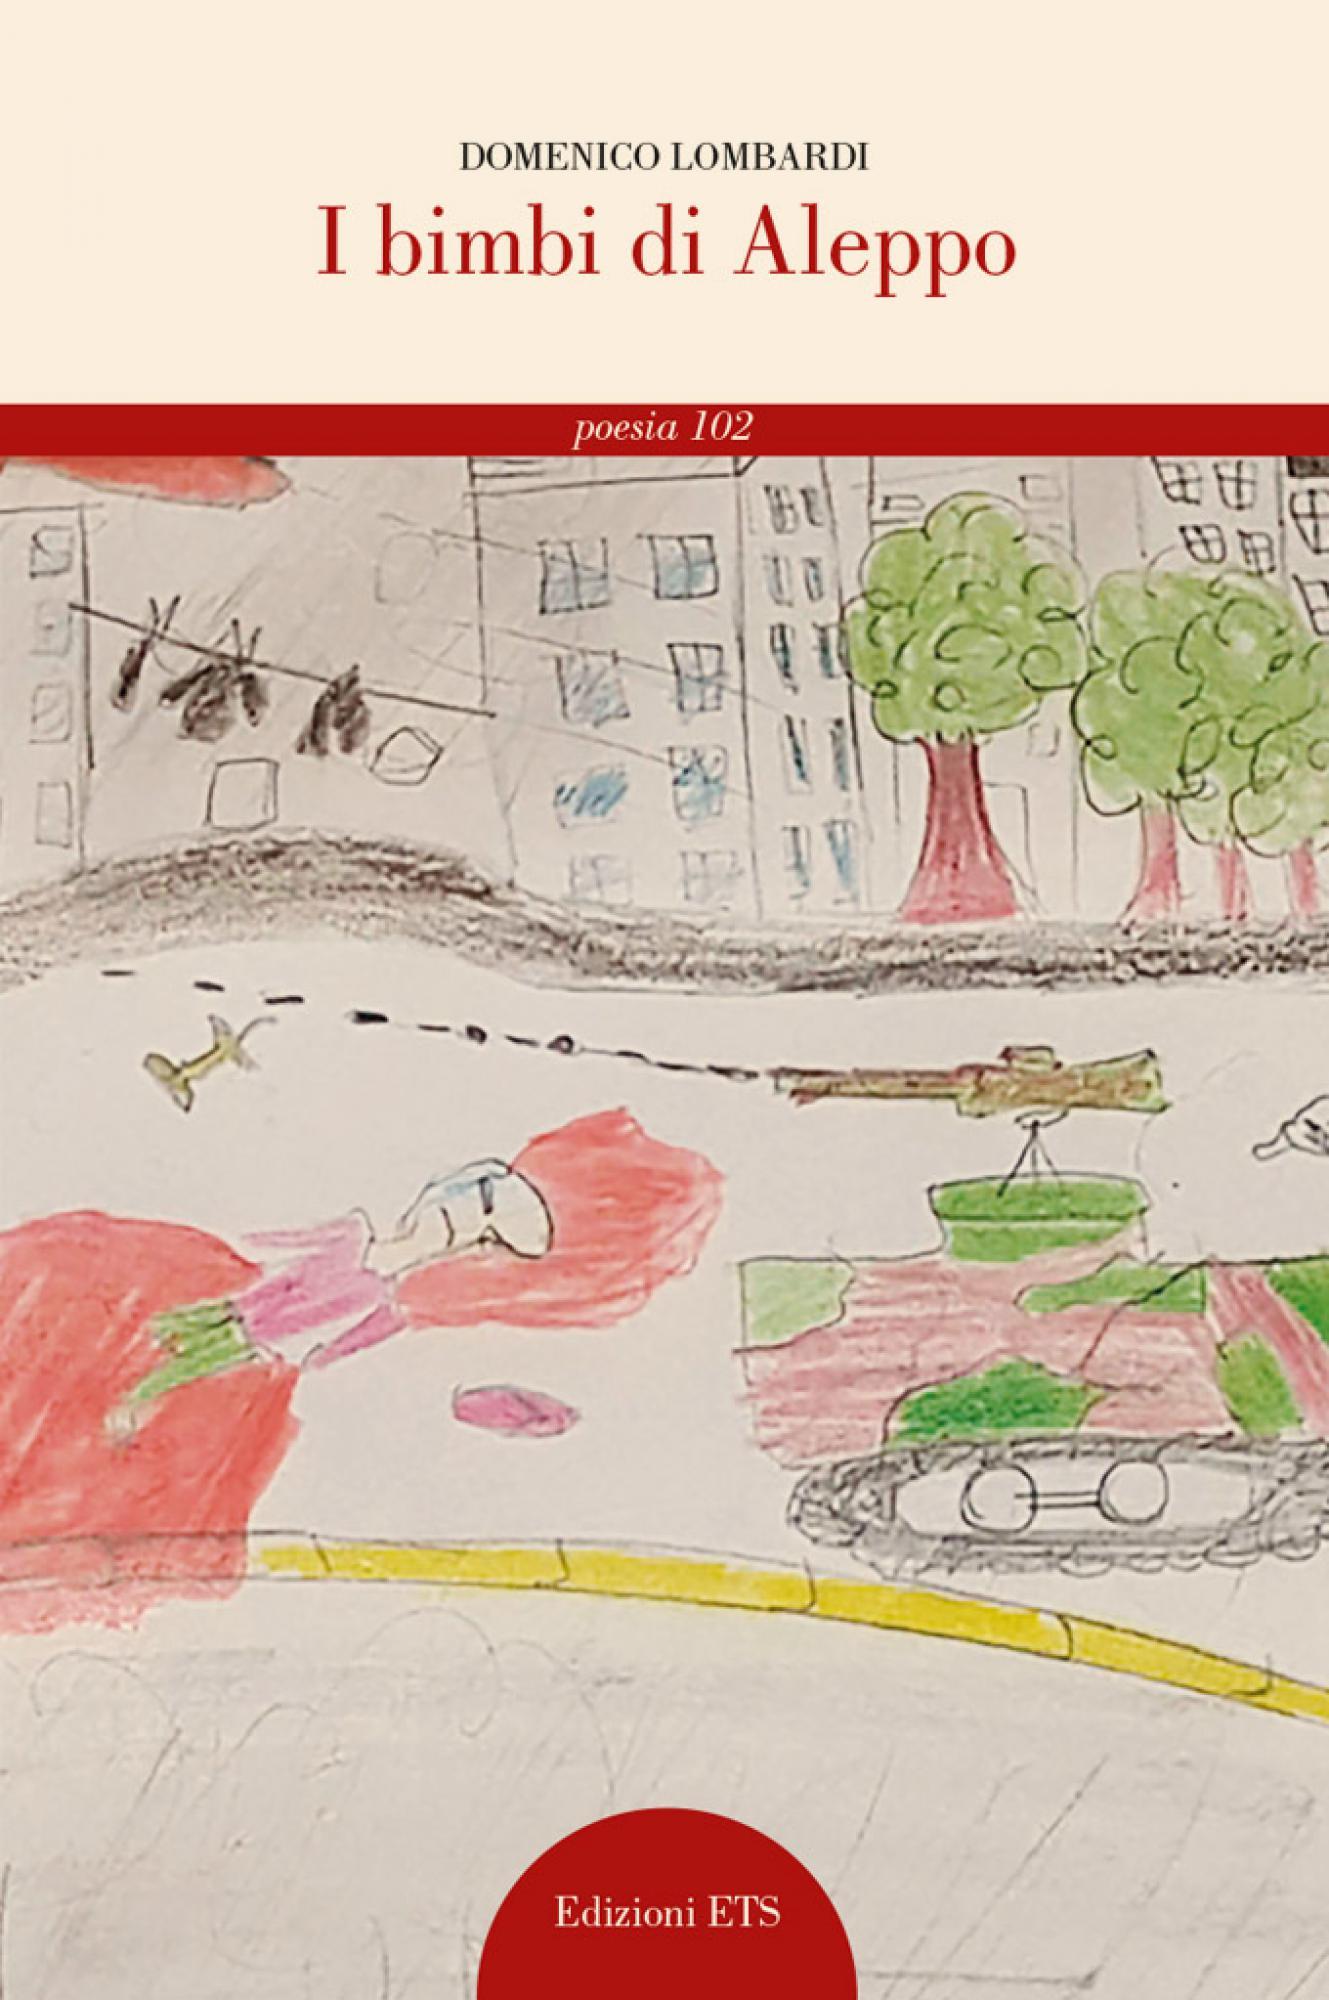 I bimbi di Aleppo